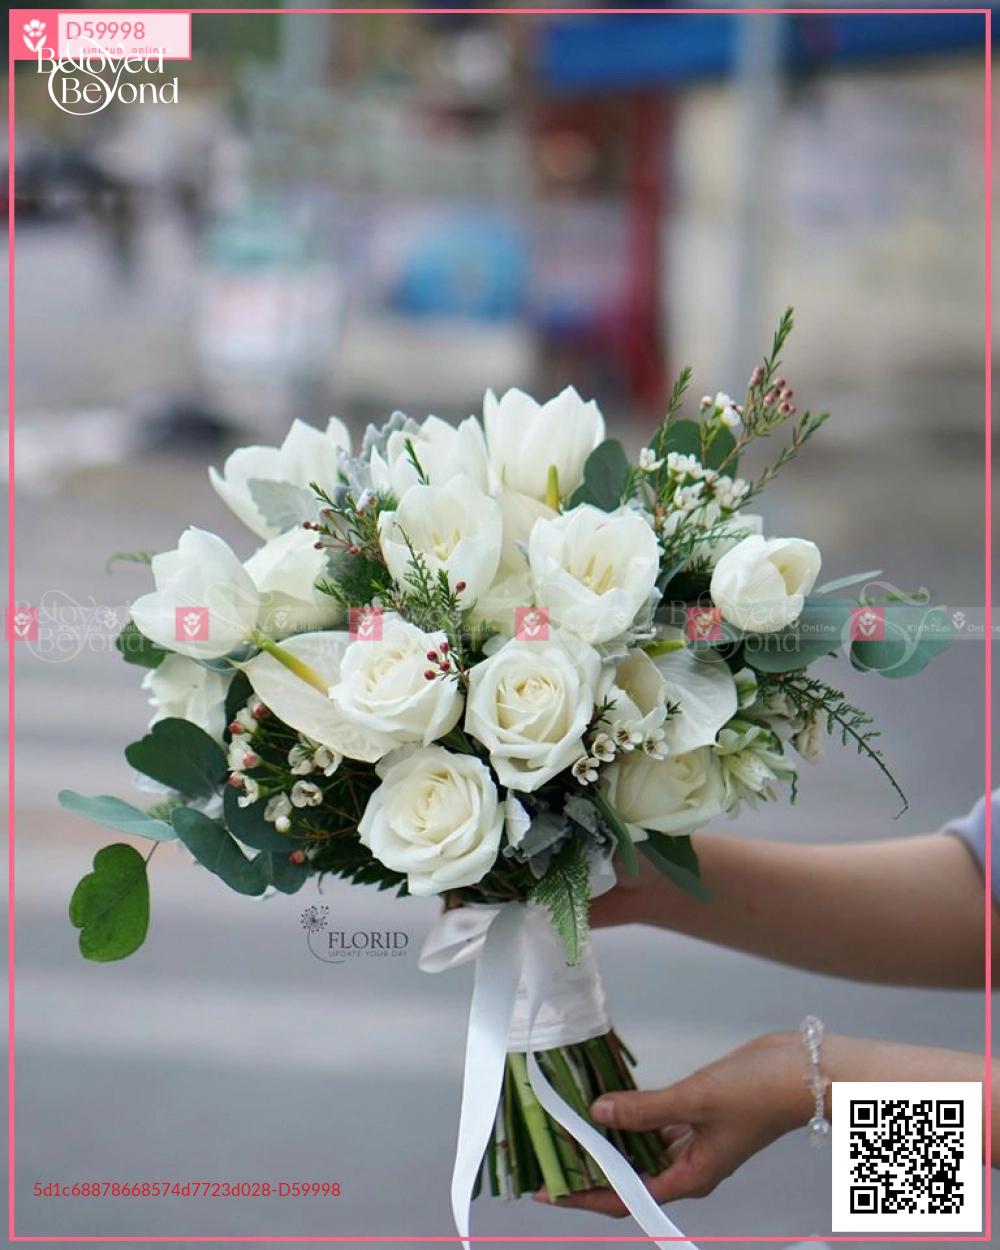 MS 1489: HAPPY DAY 3 - D59998 - xinhtuoi.online